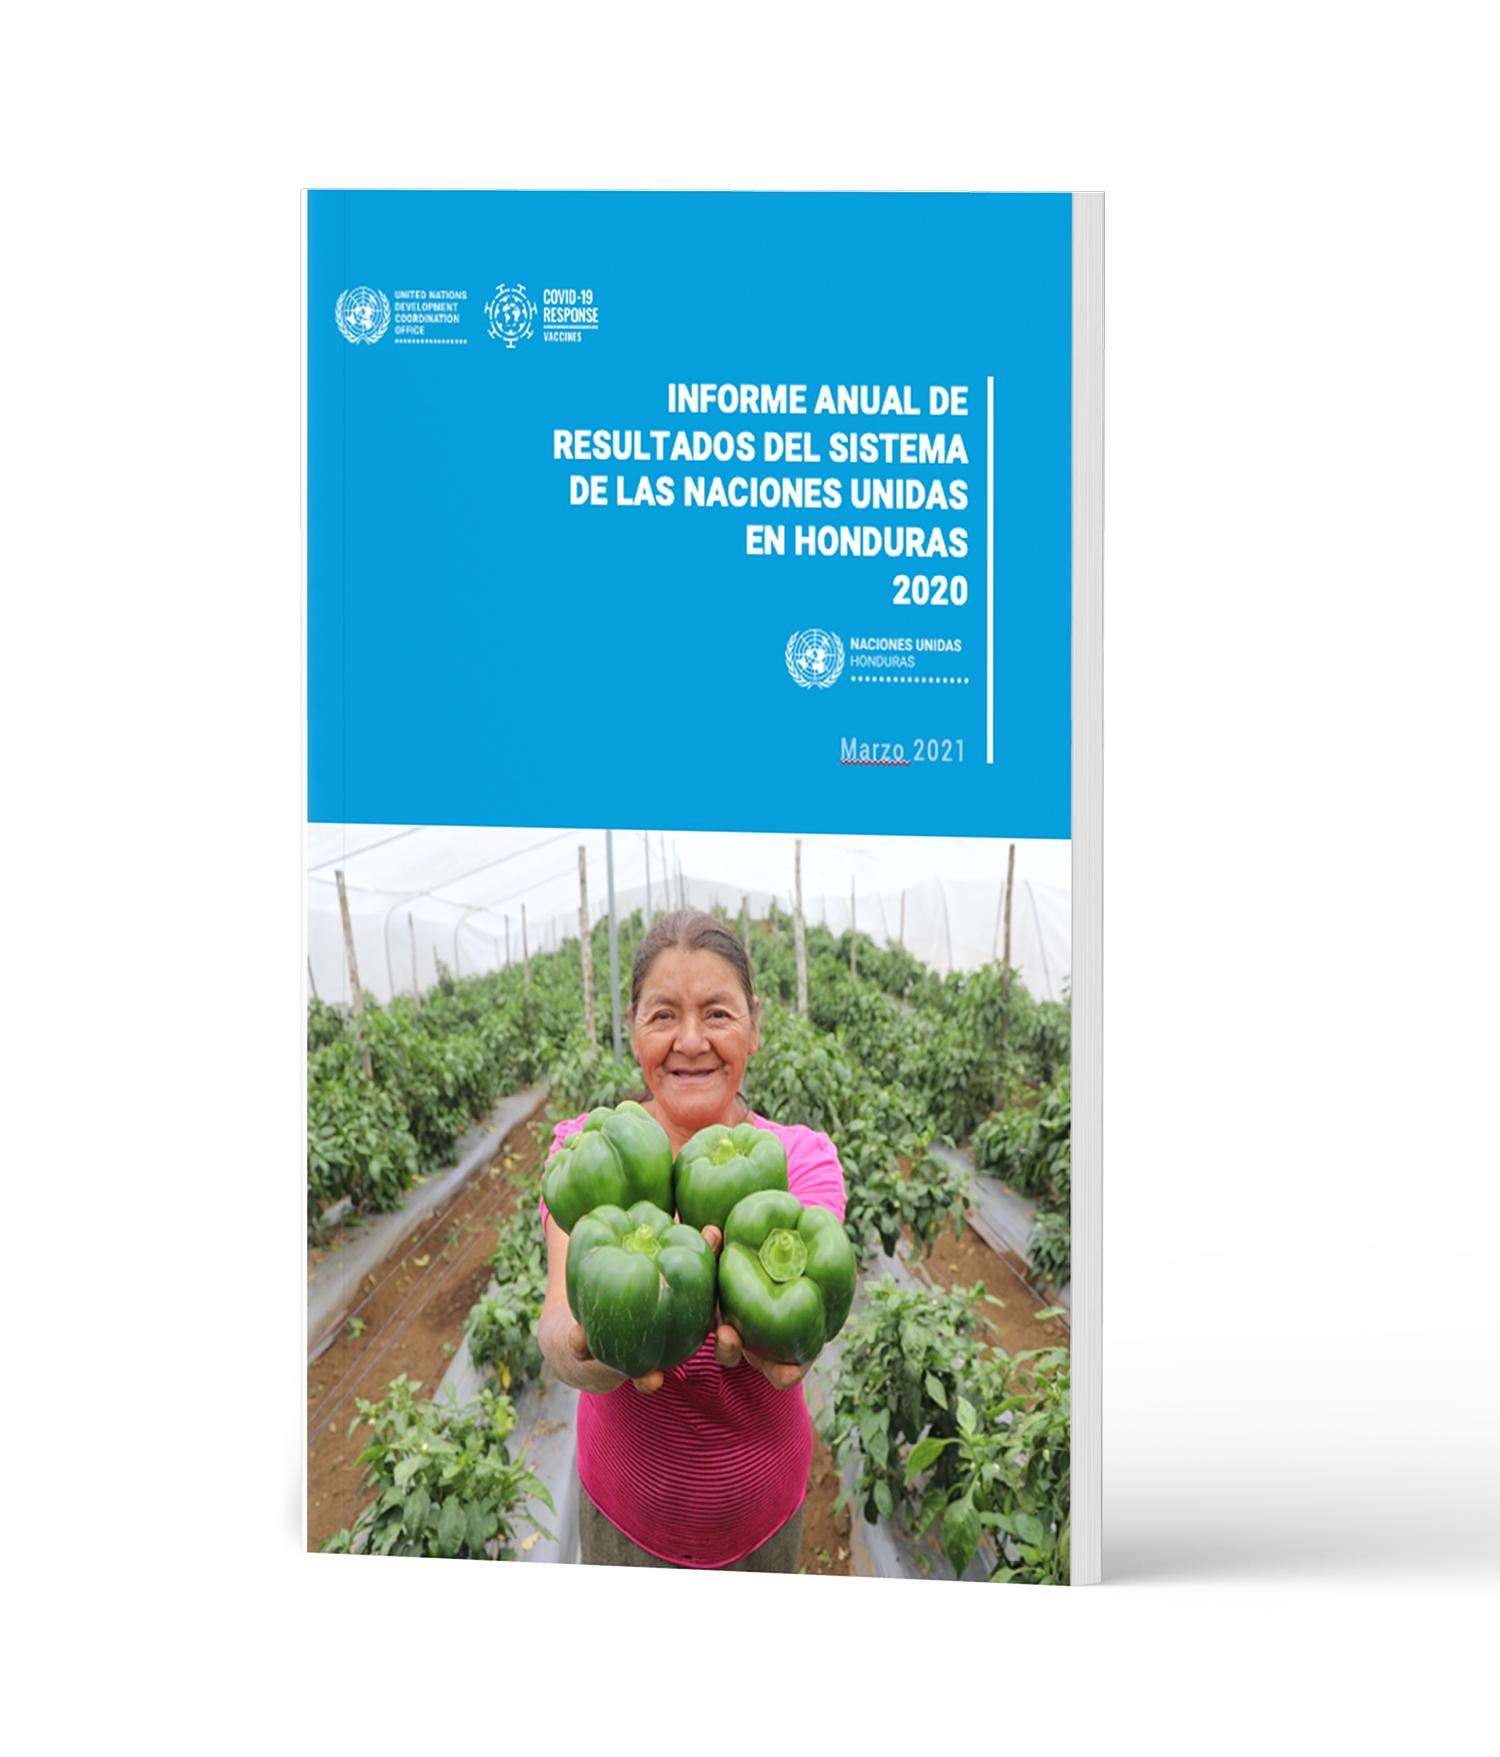 Informe anual de resultados del Sistema de las Naciones Unidas en Honduras 2020